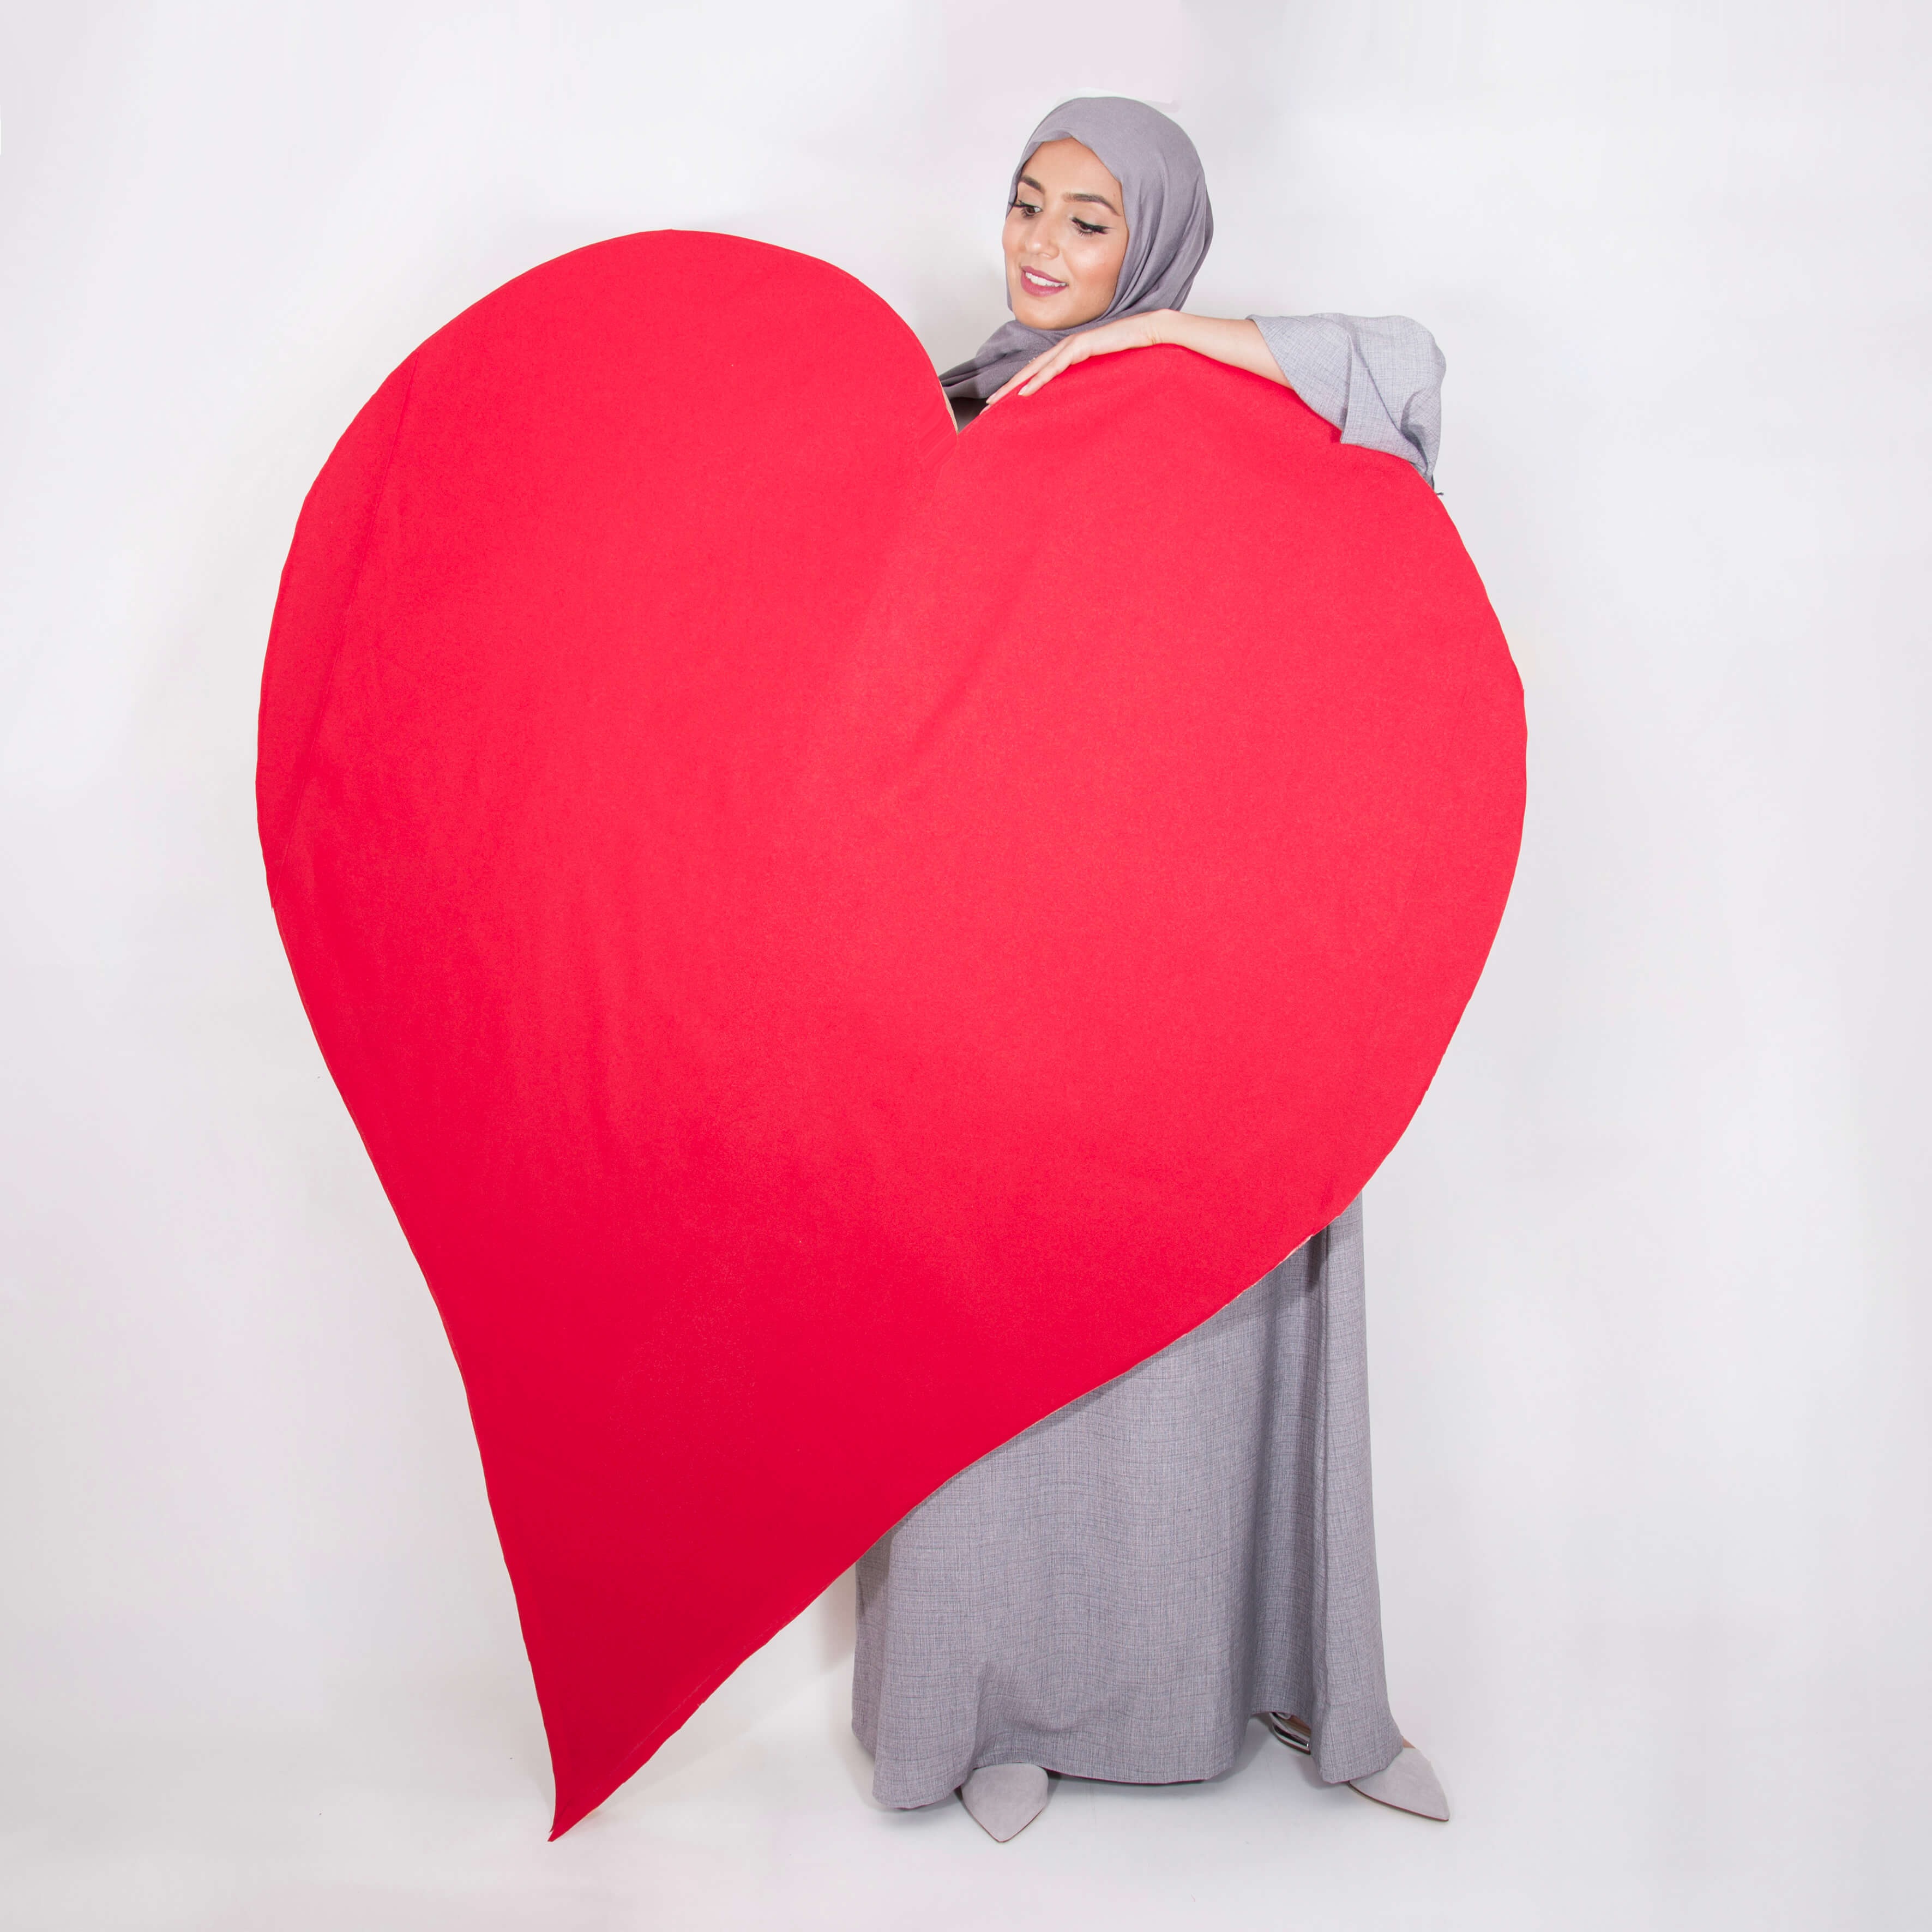 Ramadan in love